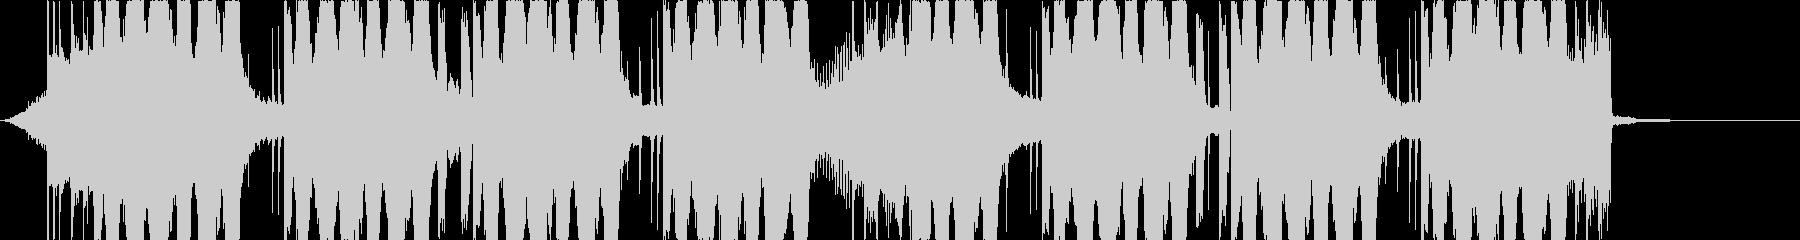 Future Bass 3の未再生の波形